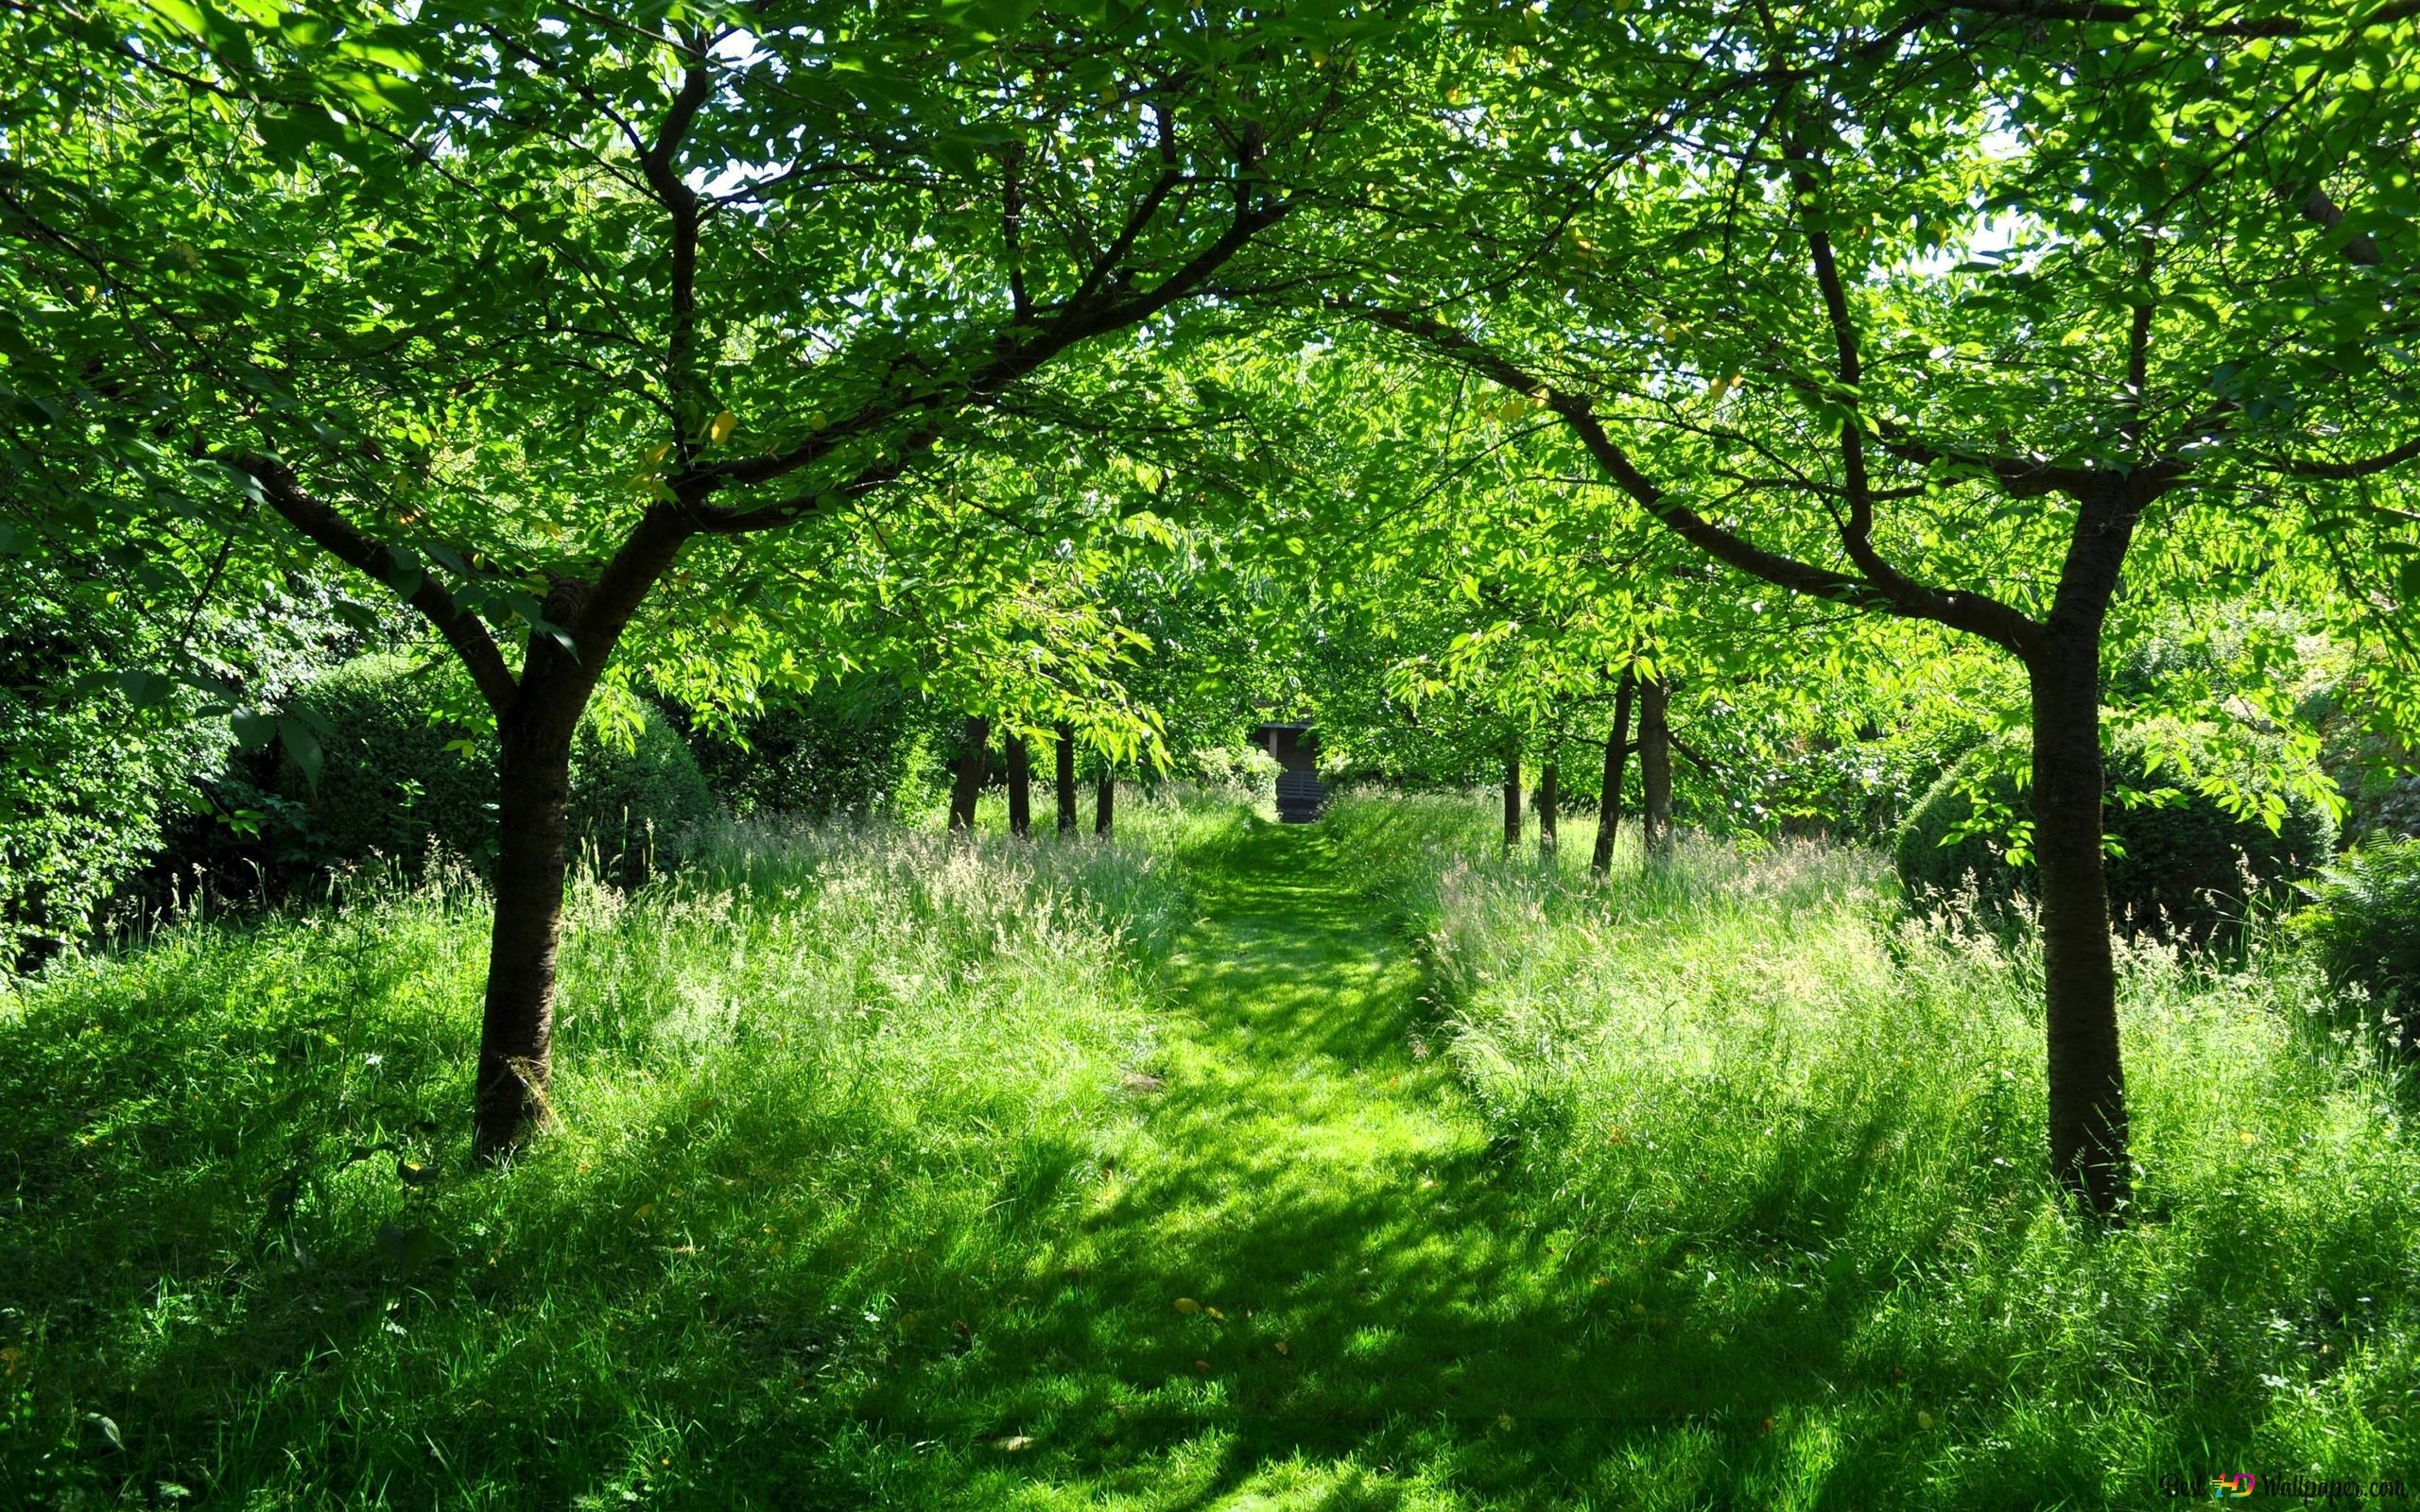 緑の森の道 Hd壁紙のダウンロード